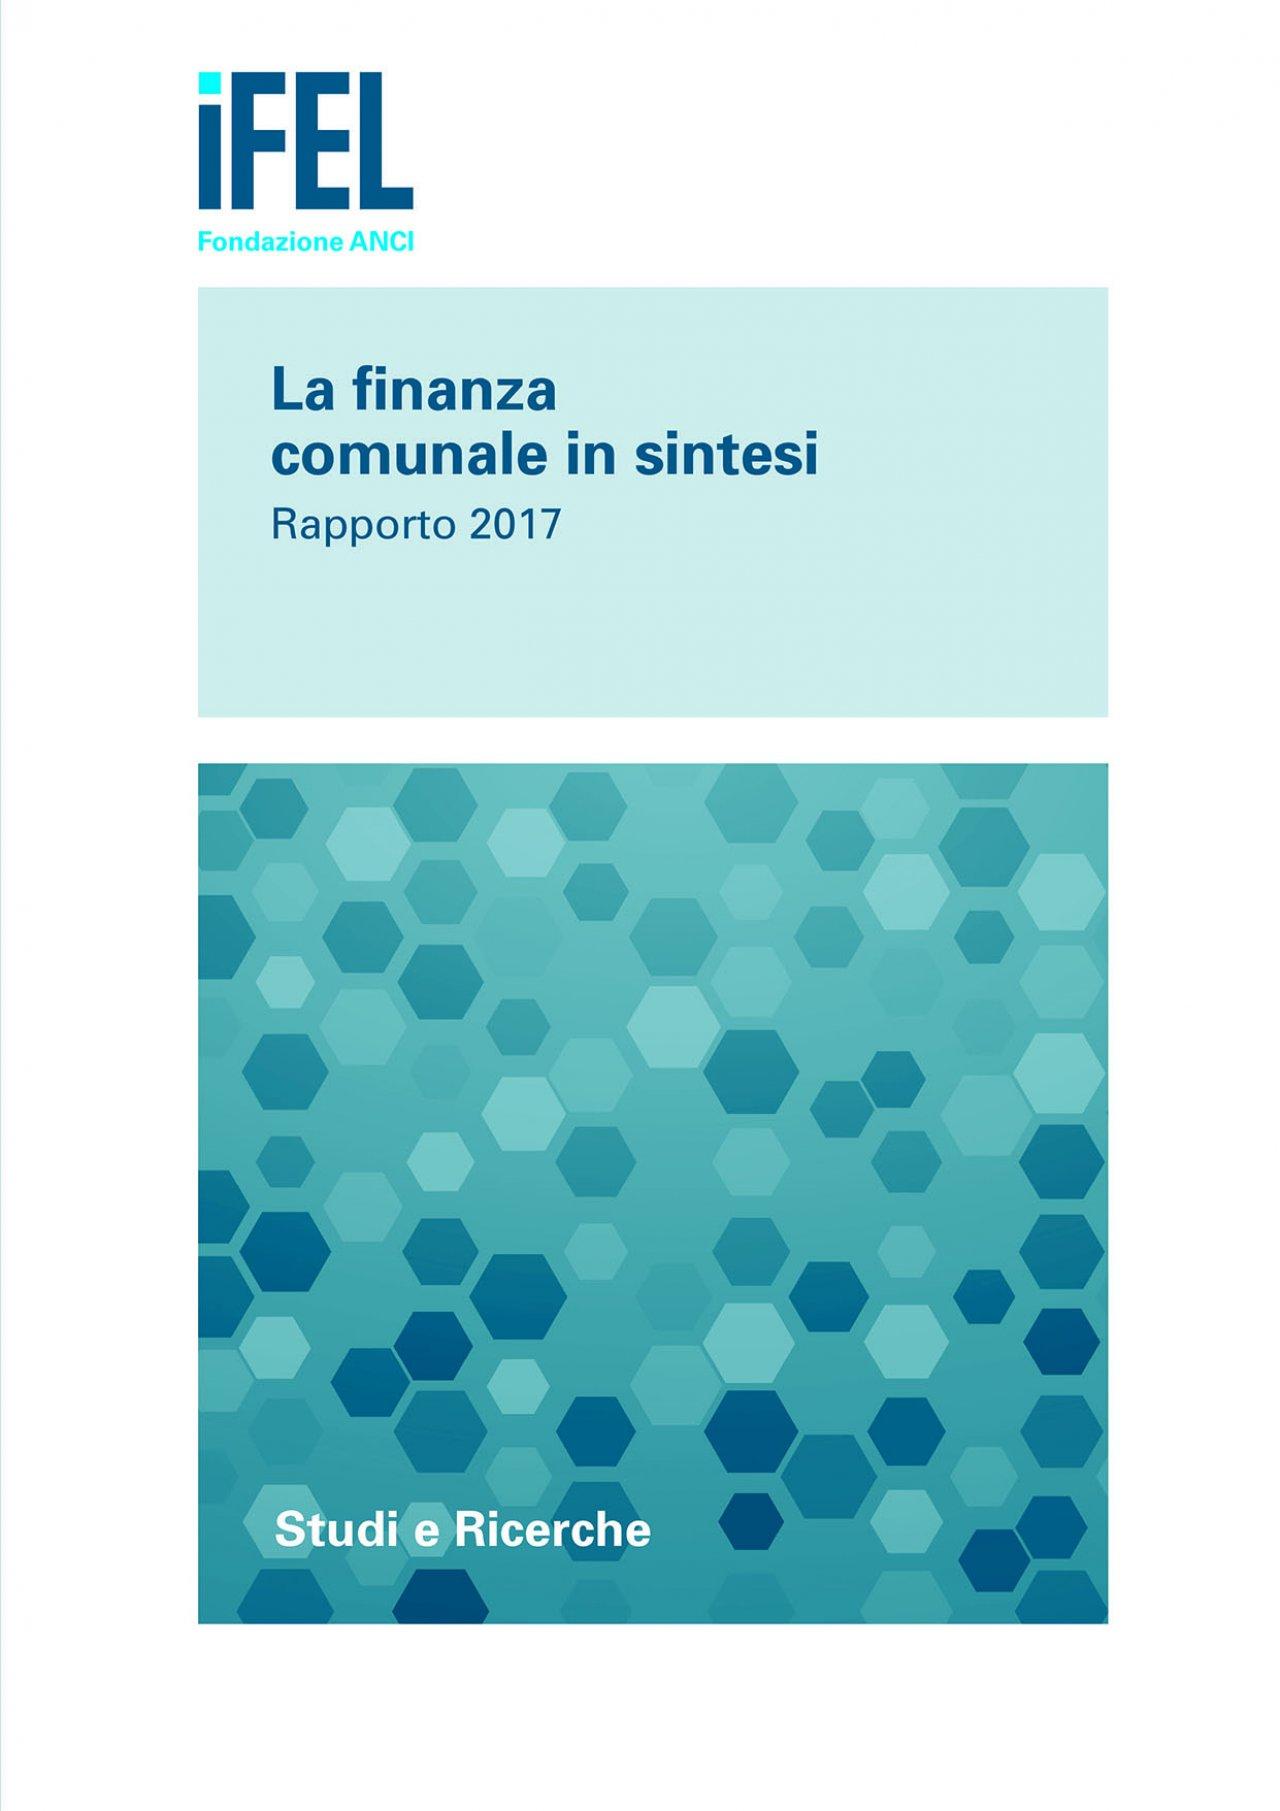 La finanza comunale in sintesi - Rapporto 2017